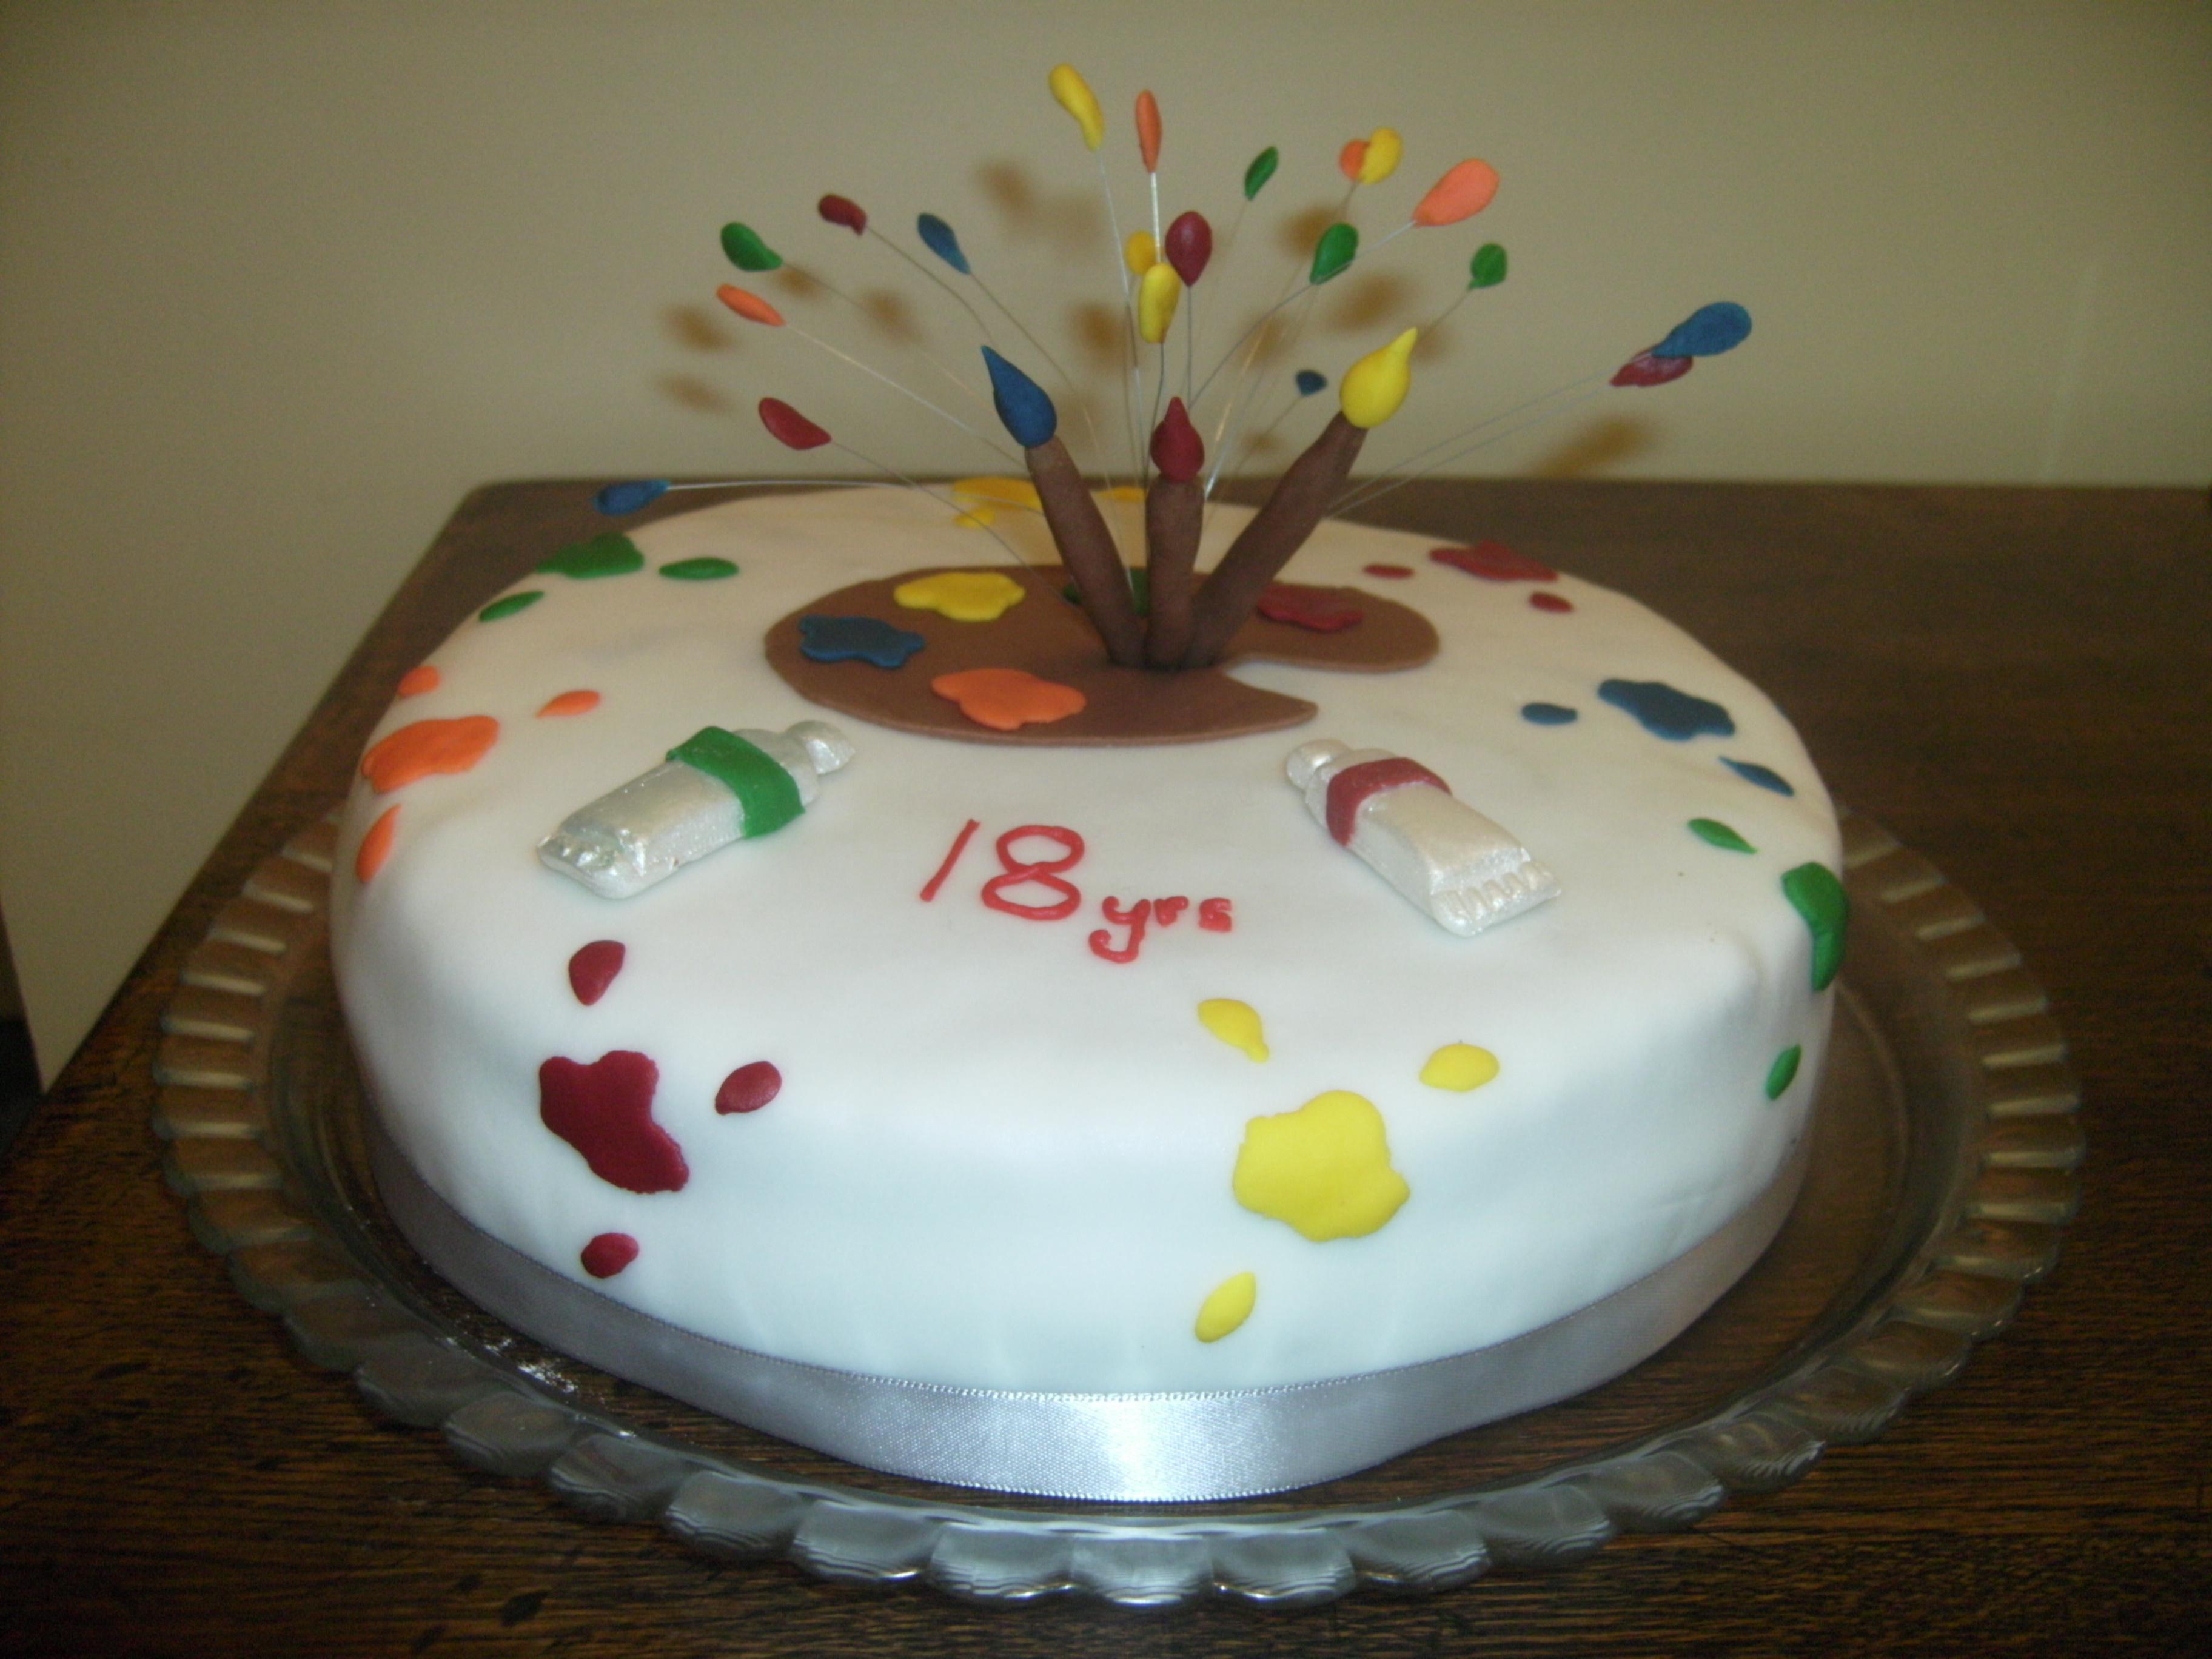 In Brief Shazruns Birthday Cake Ideas For 18 Year Old Boy